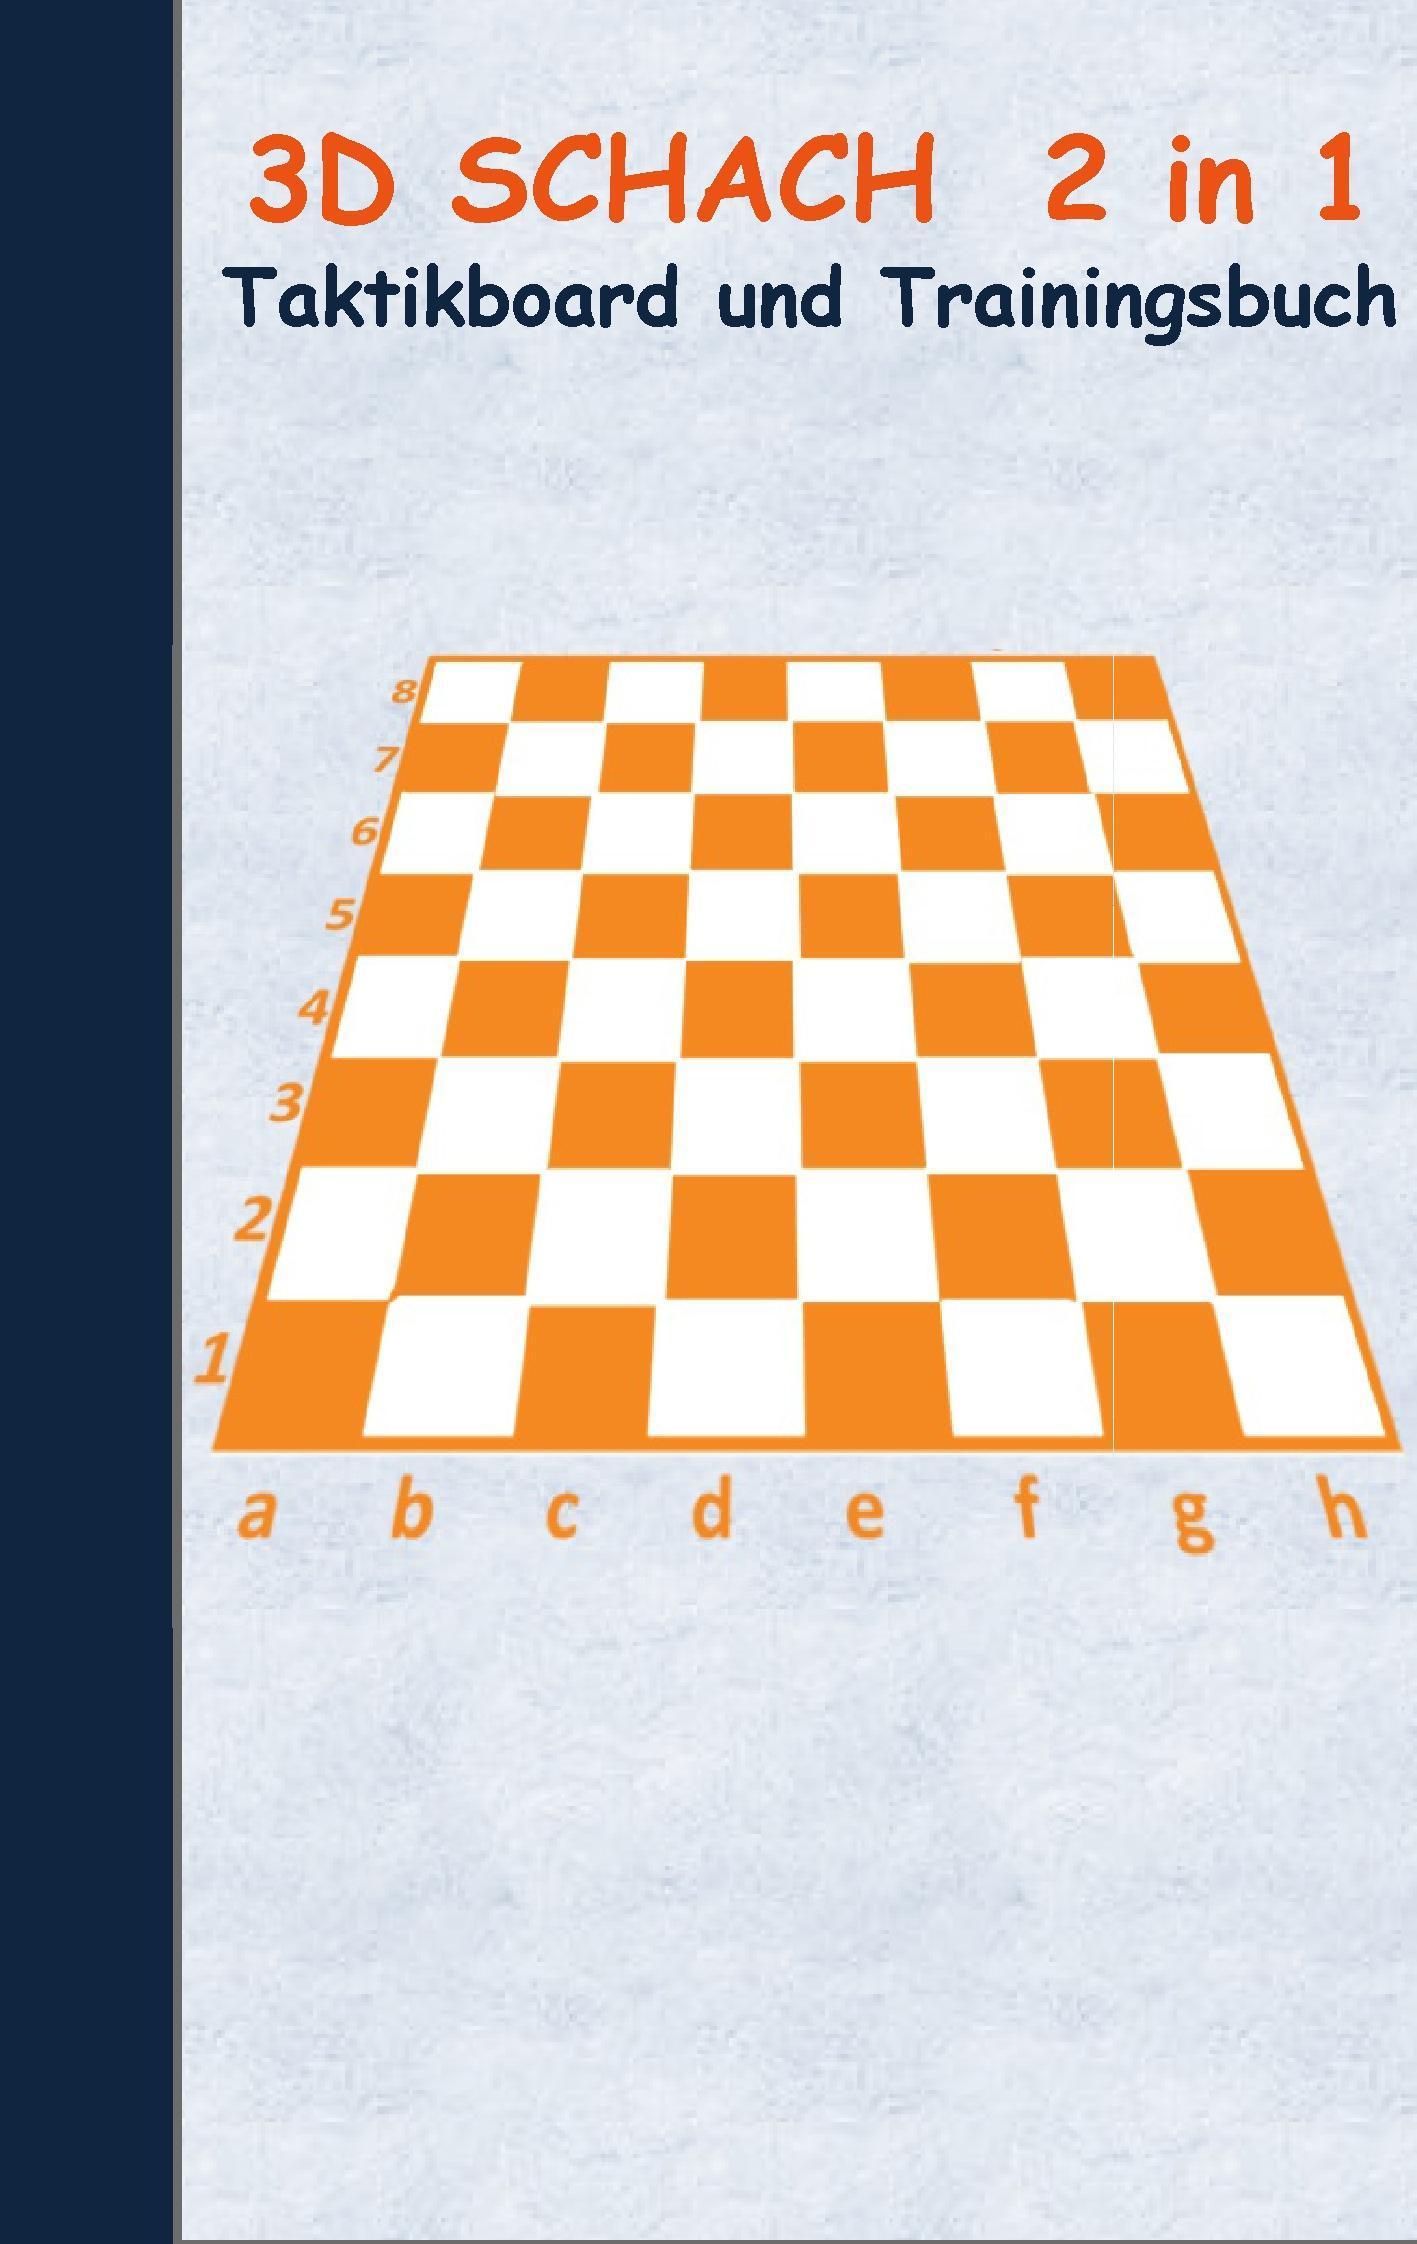 Schach: 2 in 1 Notiz- und Taktikblock im Pocketformat (Postkarte